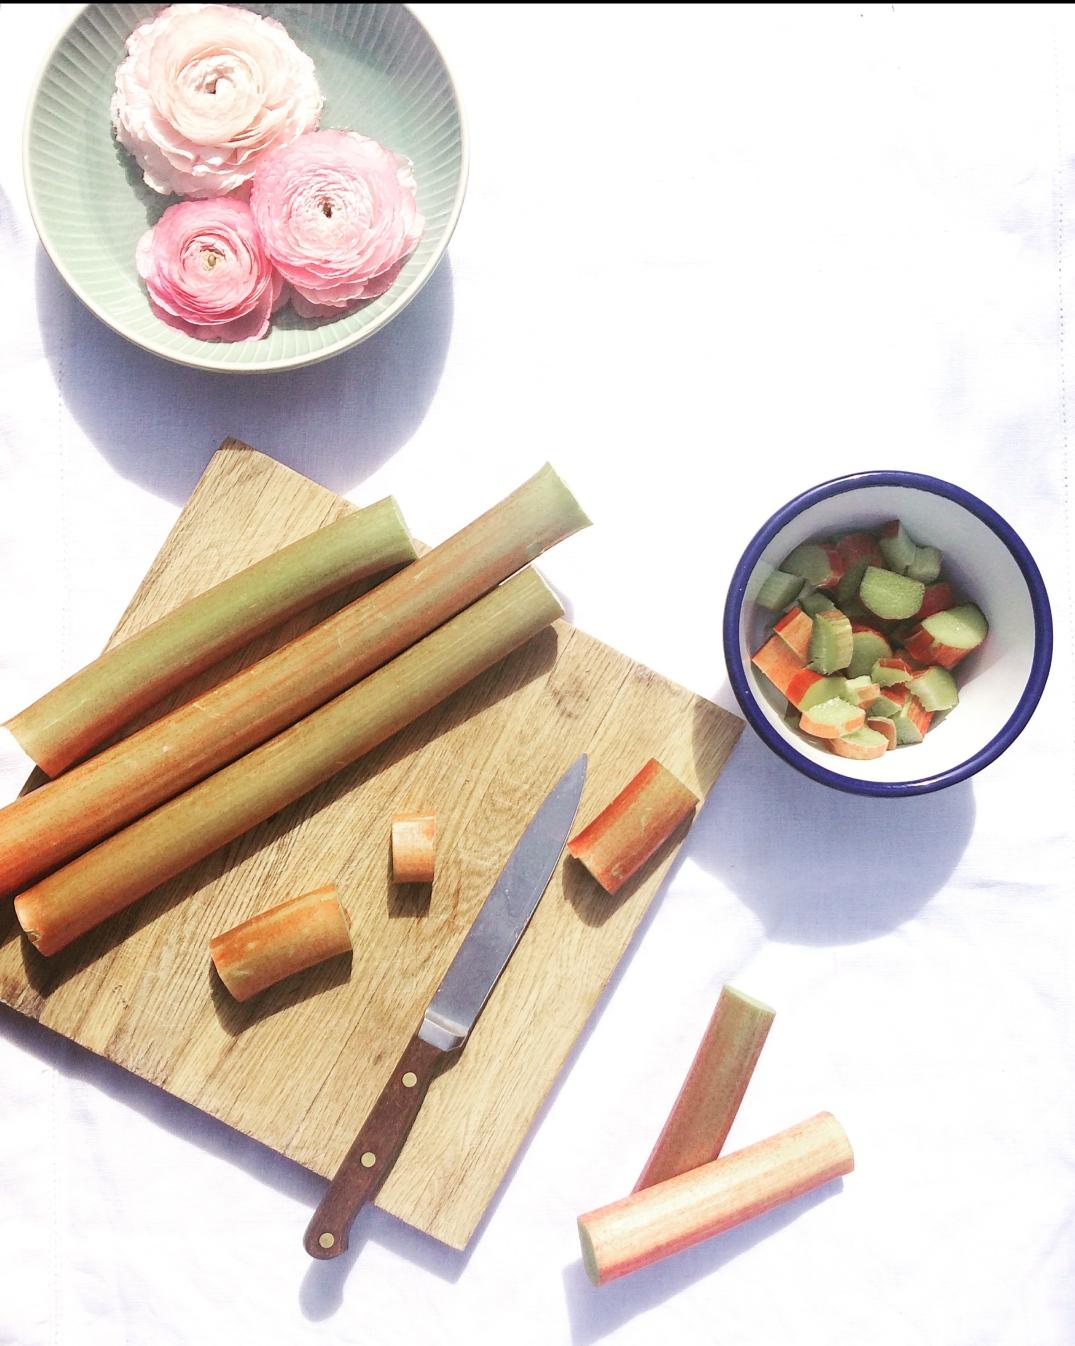 Rhubarb - Sky Meadow Bakery Blog